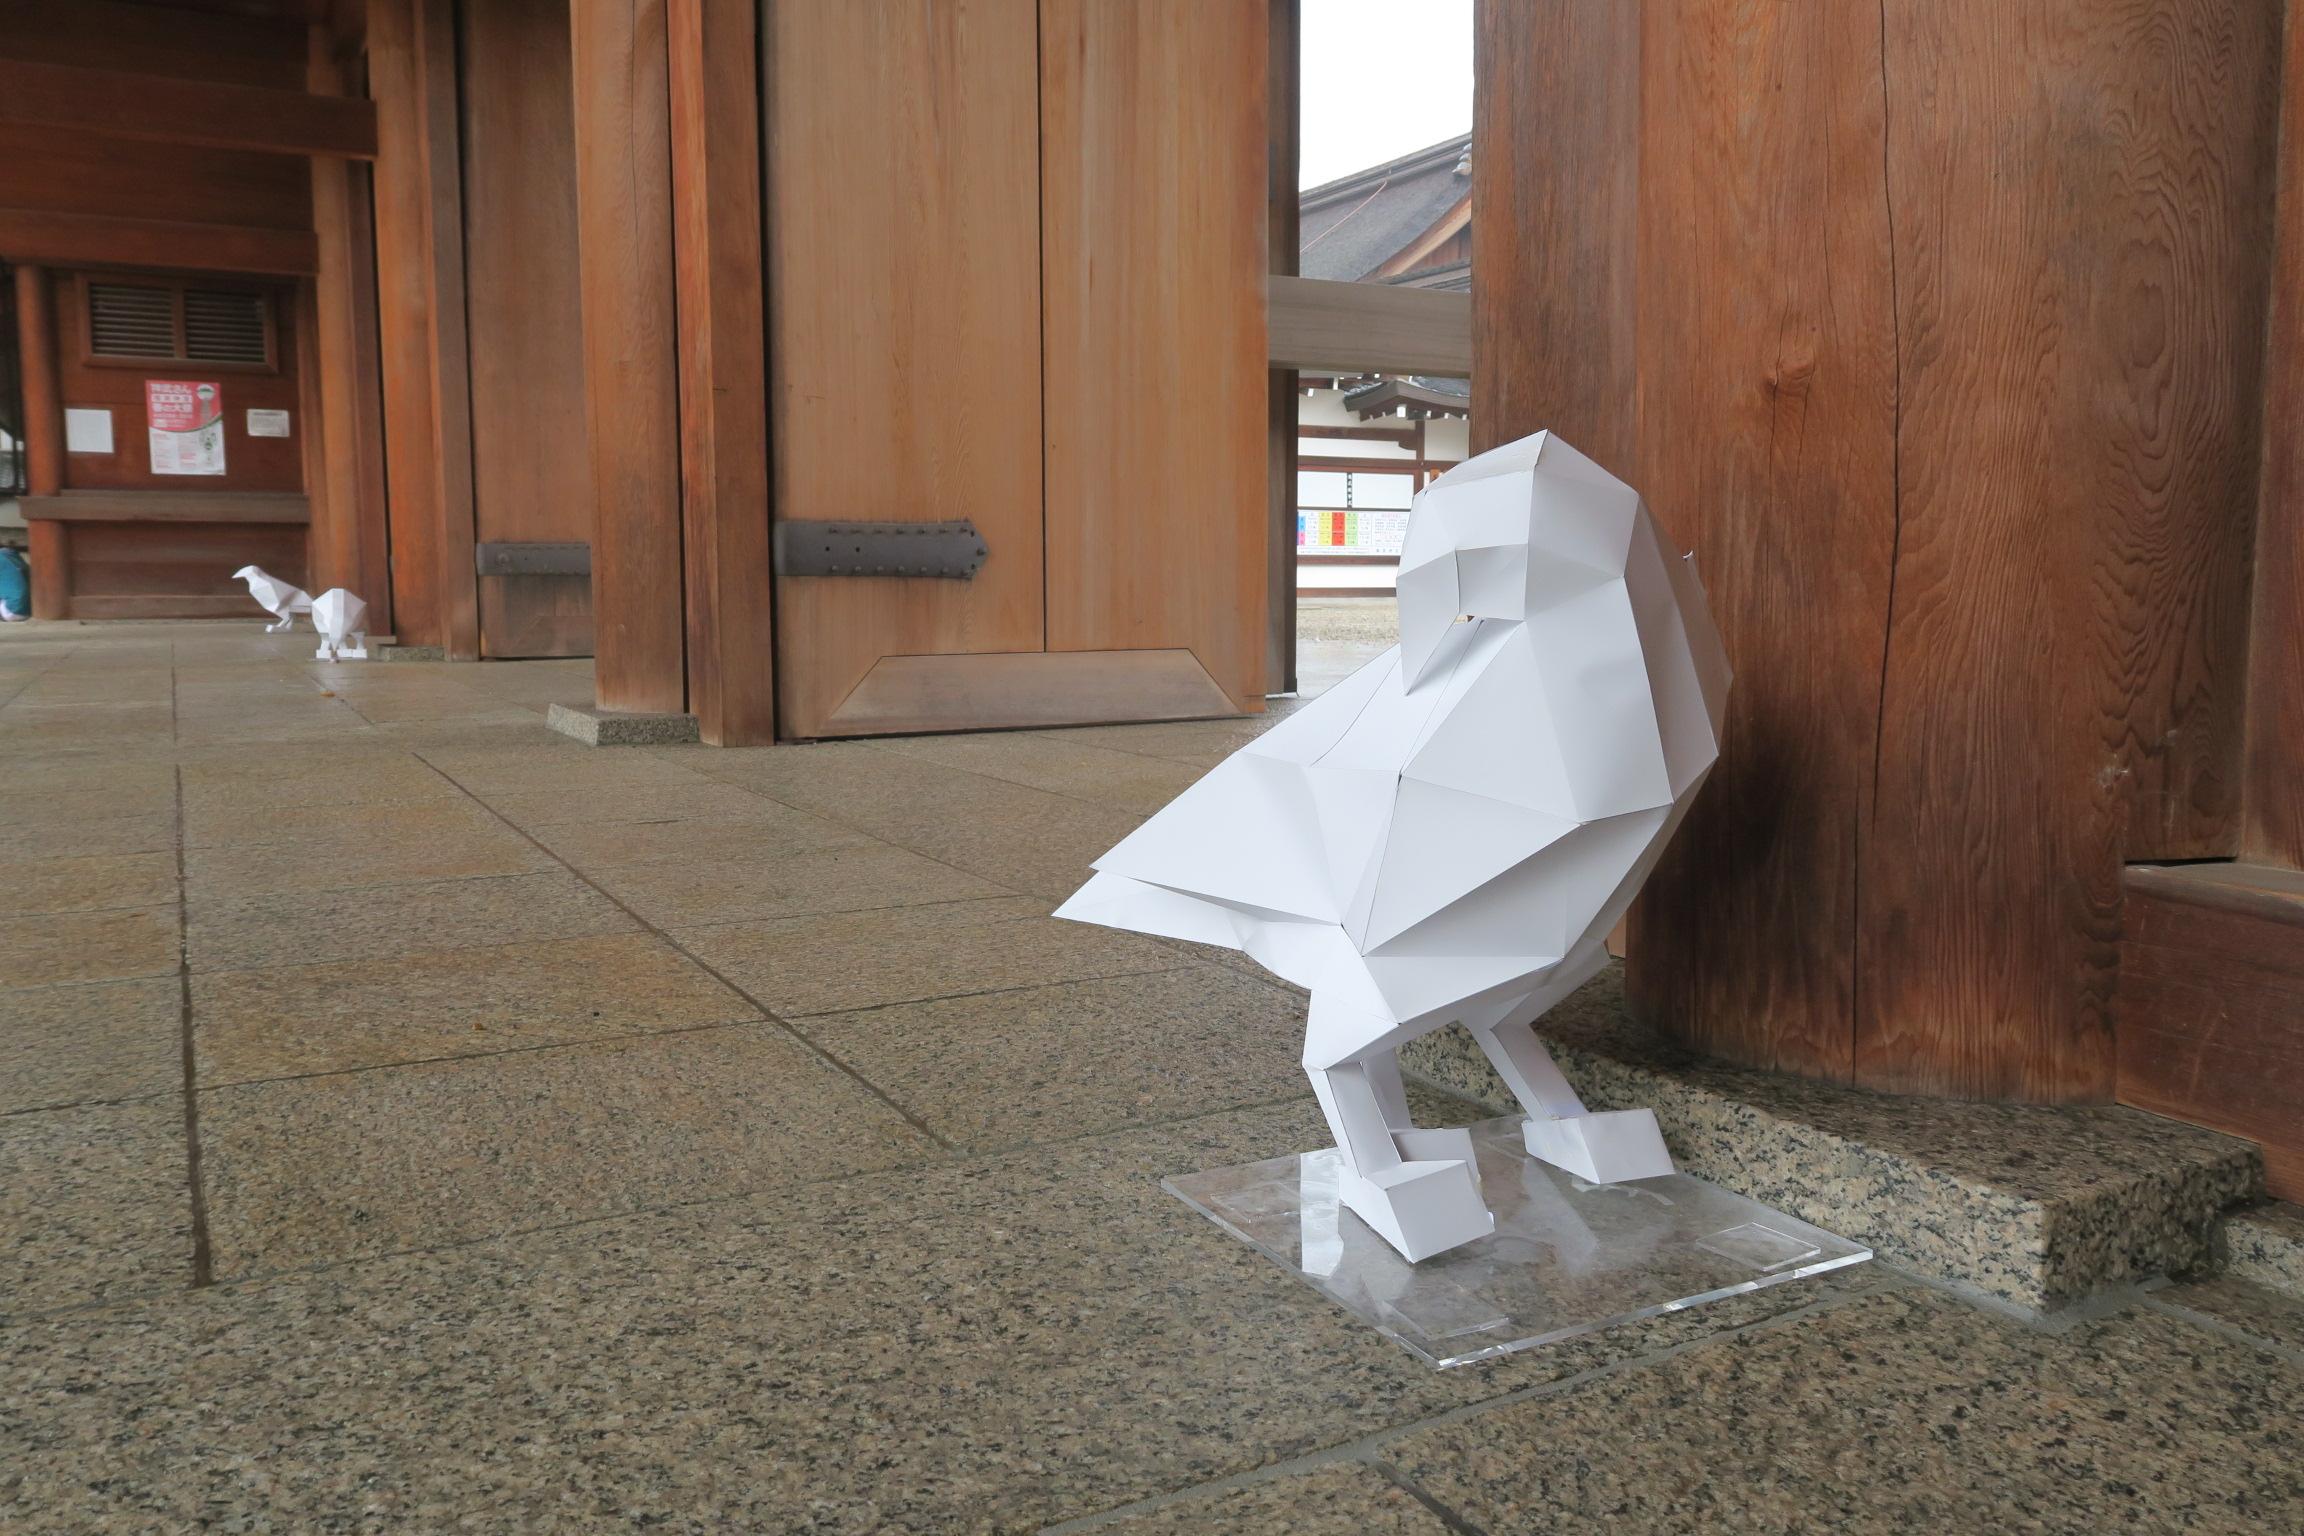 日本神話に登場する八咫烏(やたがらす)。神武天皇のもとに遣わされ、熊野から大和へ道案内をしたカラス